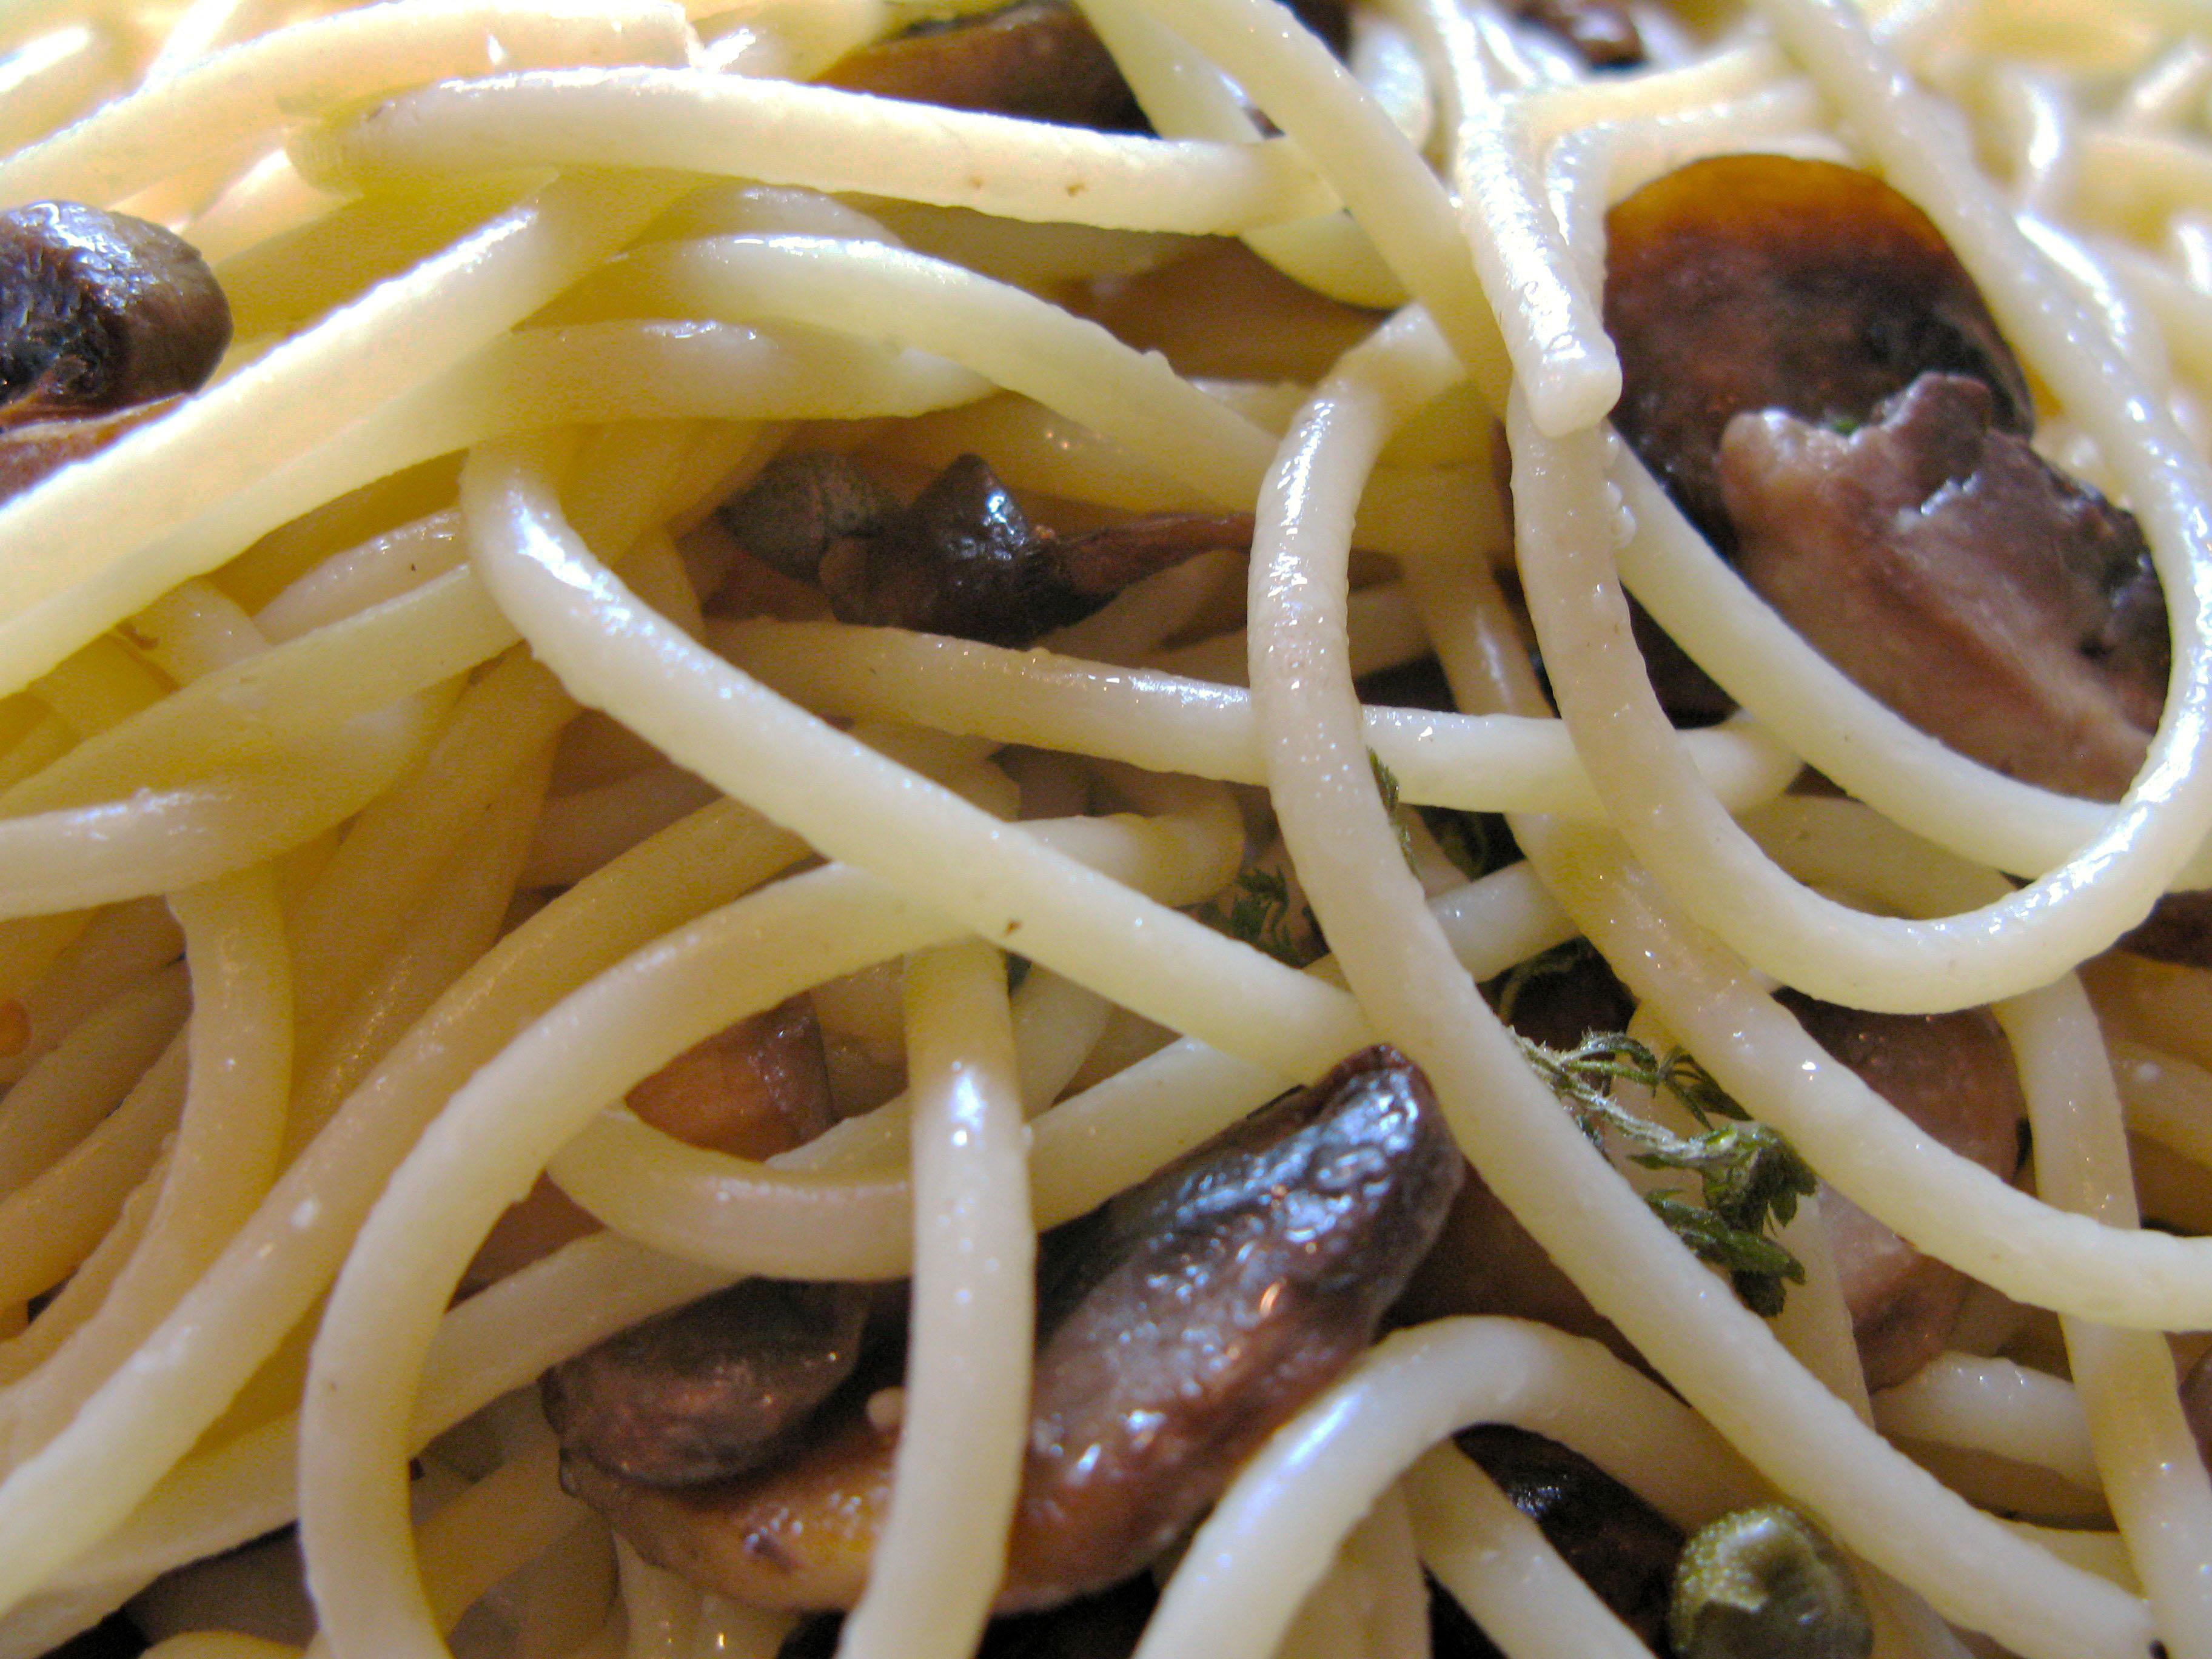 Nepitella and Mushroom Spaghetti